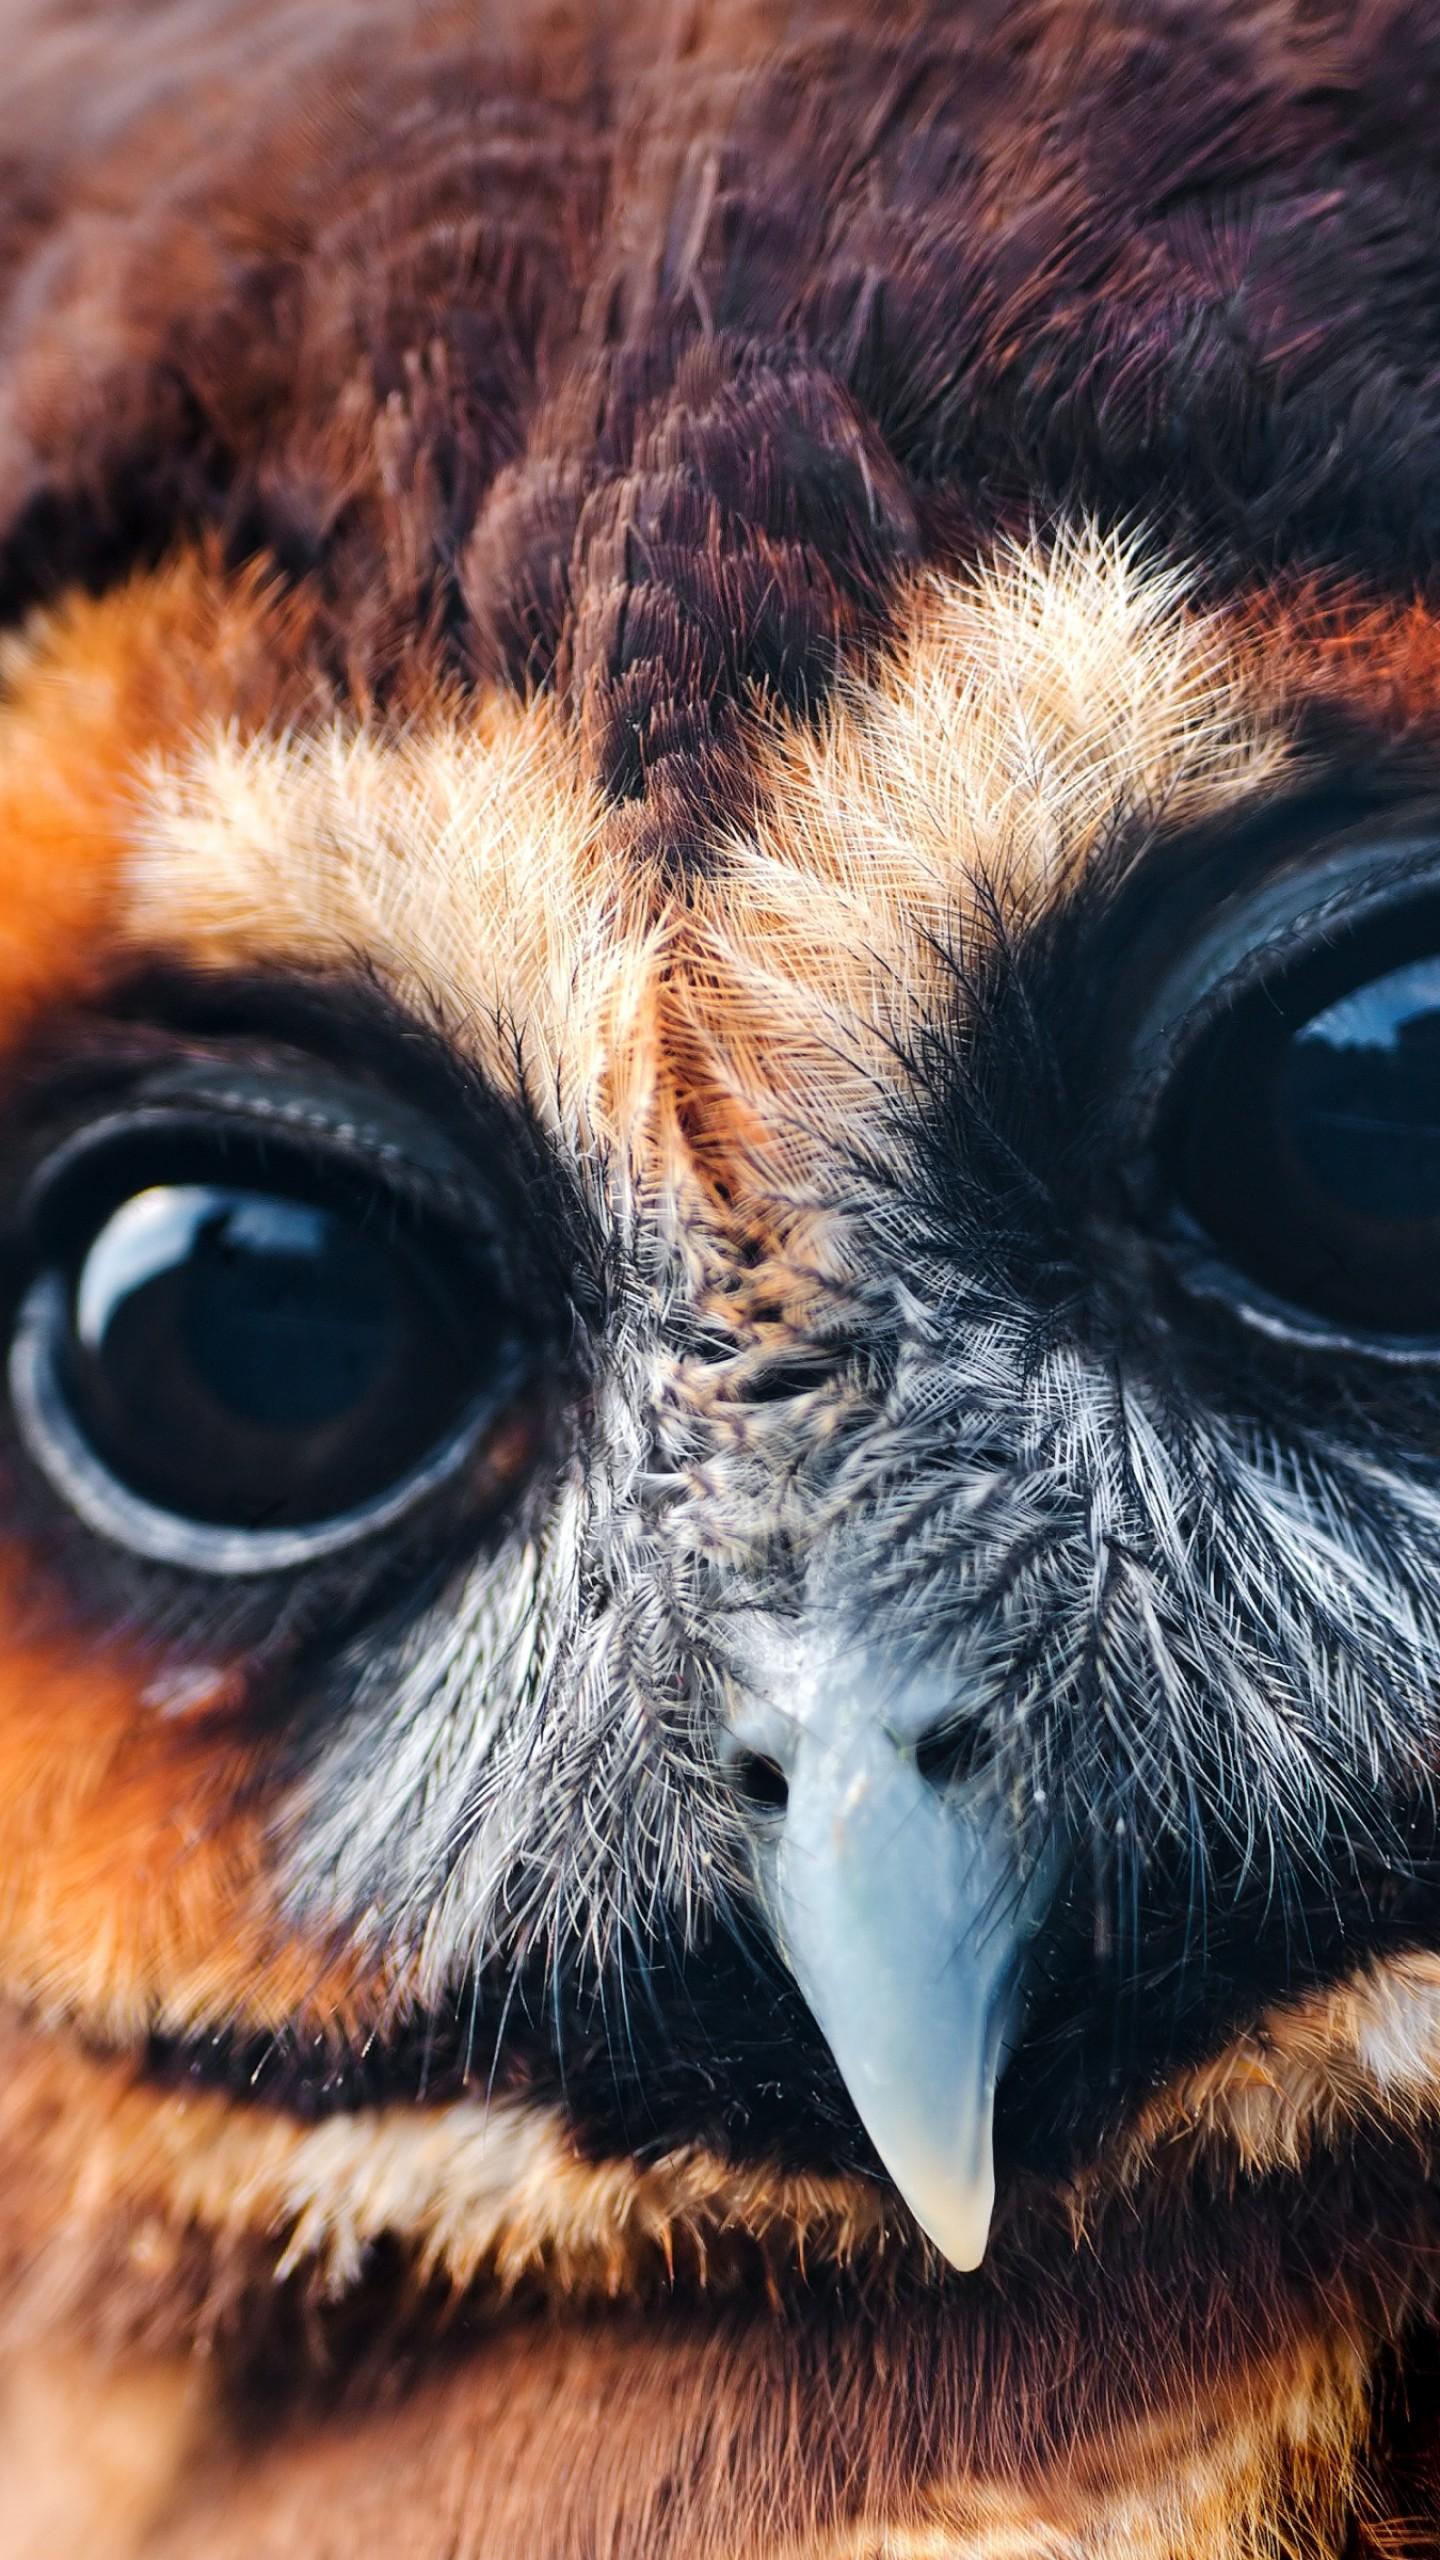 Wallpaper owl 5k 4k wallpaper national geographic eyes - National geographic wild wallpapers ...